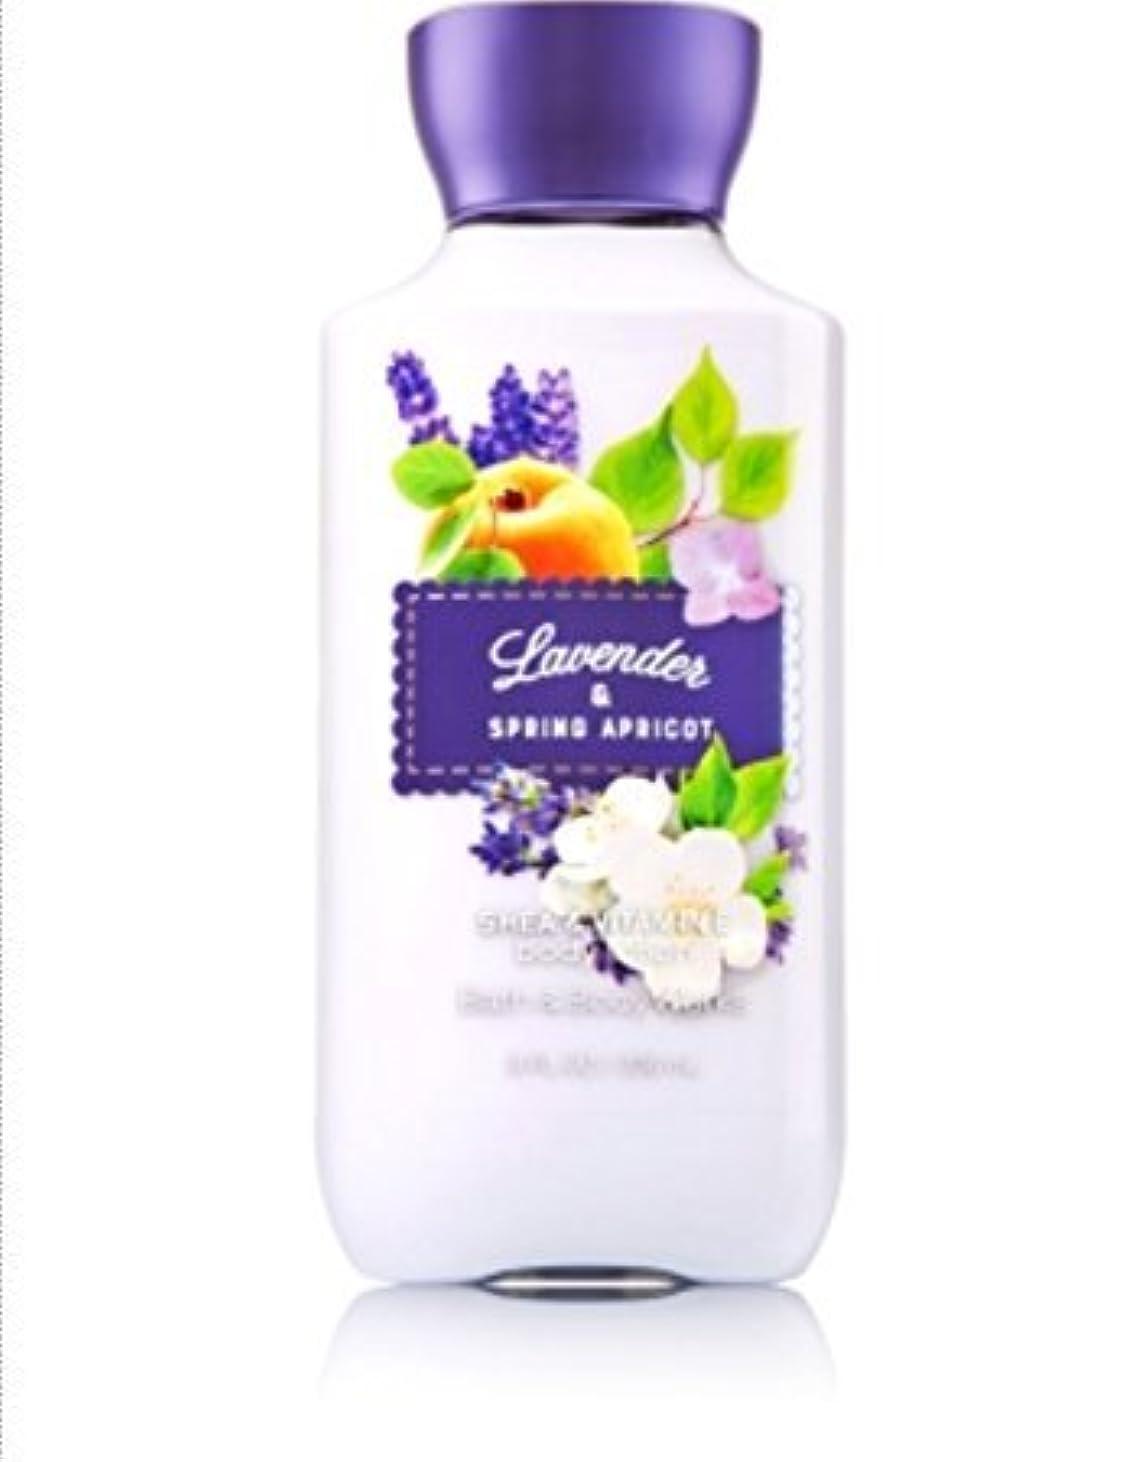 メールを書く飢えた代替バス&ボディワークス ラベンダー&スプリングアプリコット ボディローション Lavender & Spring Apricot body lotion [並行輸入品]